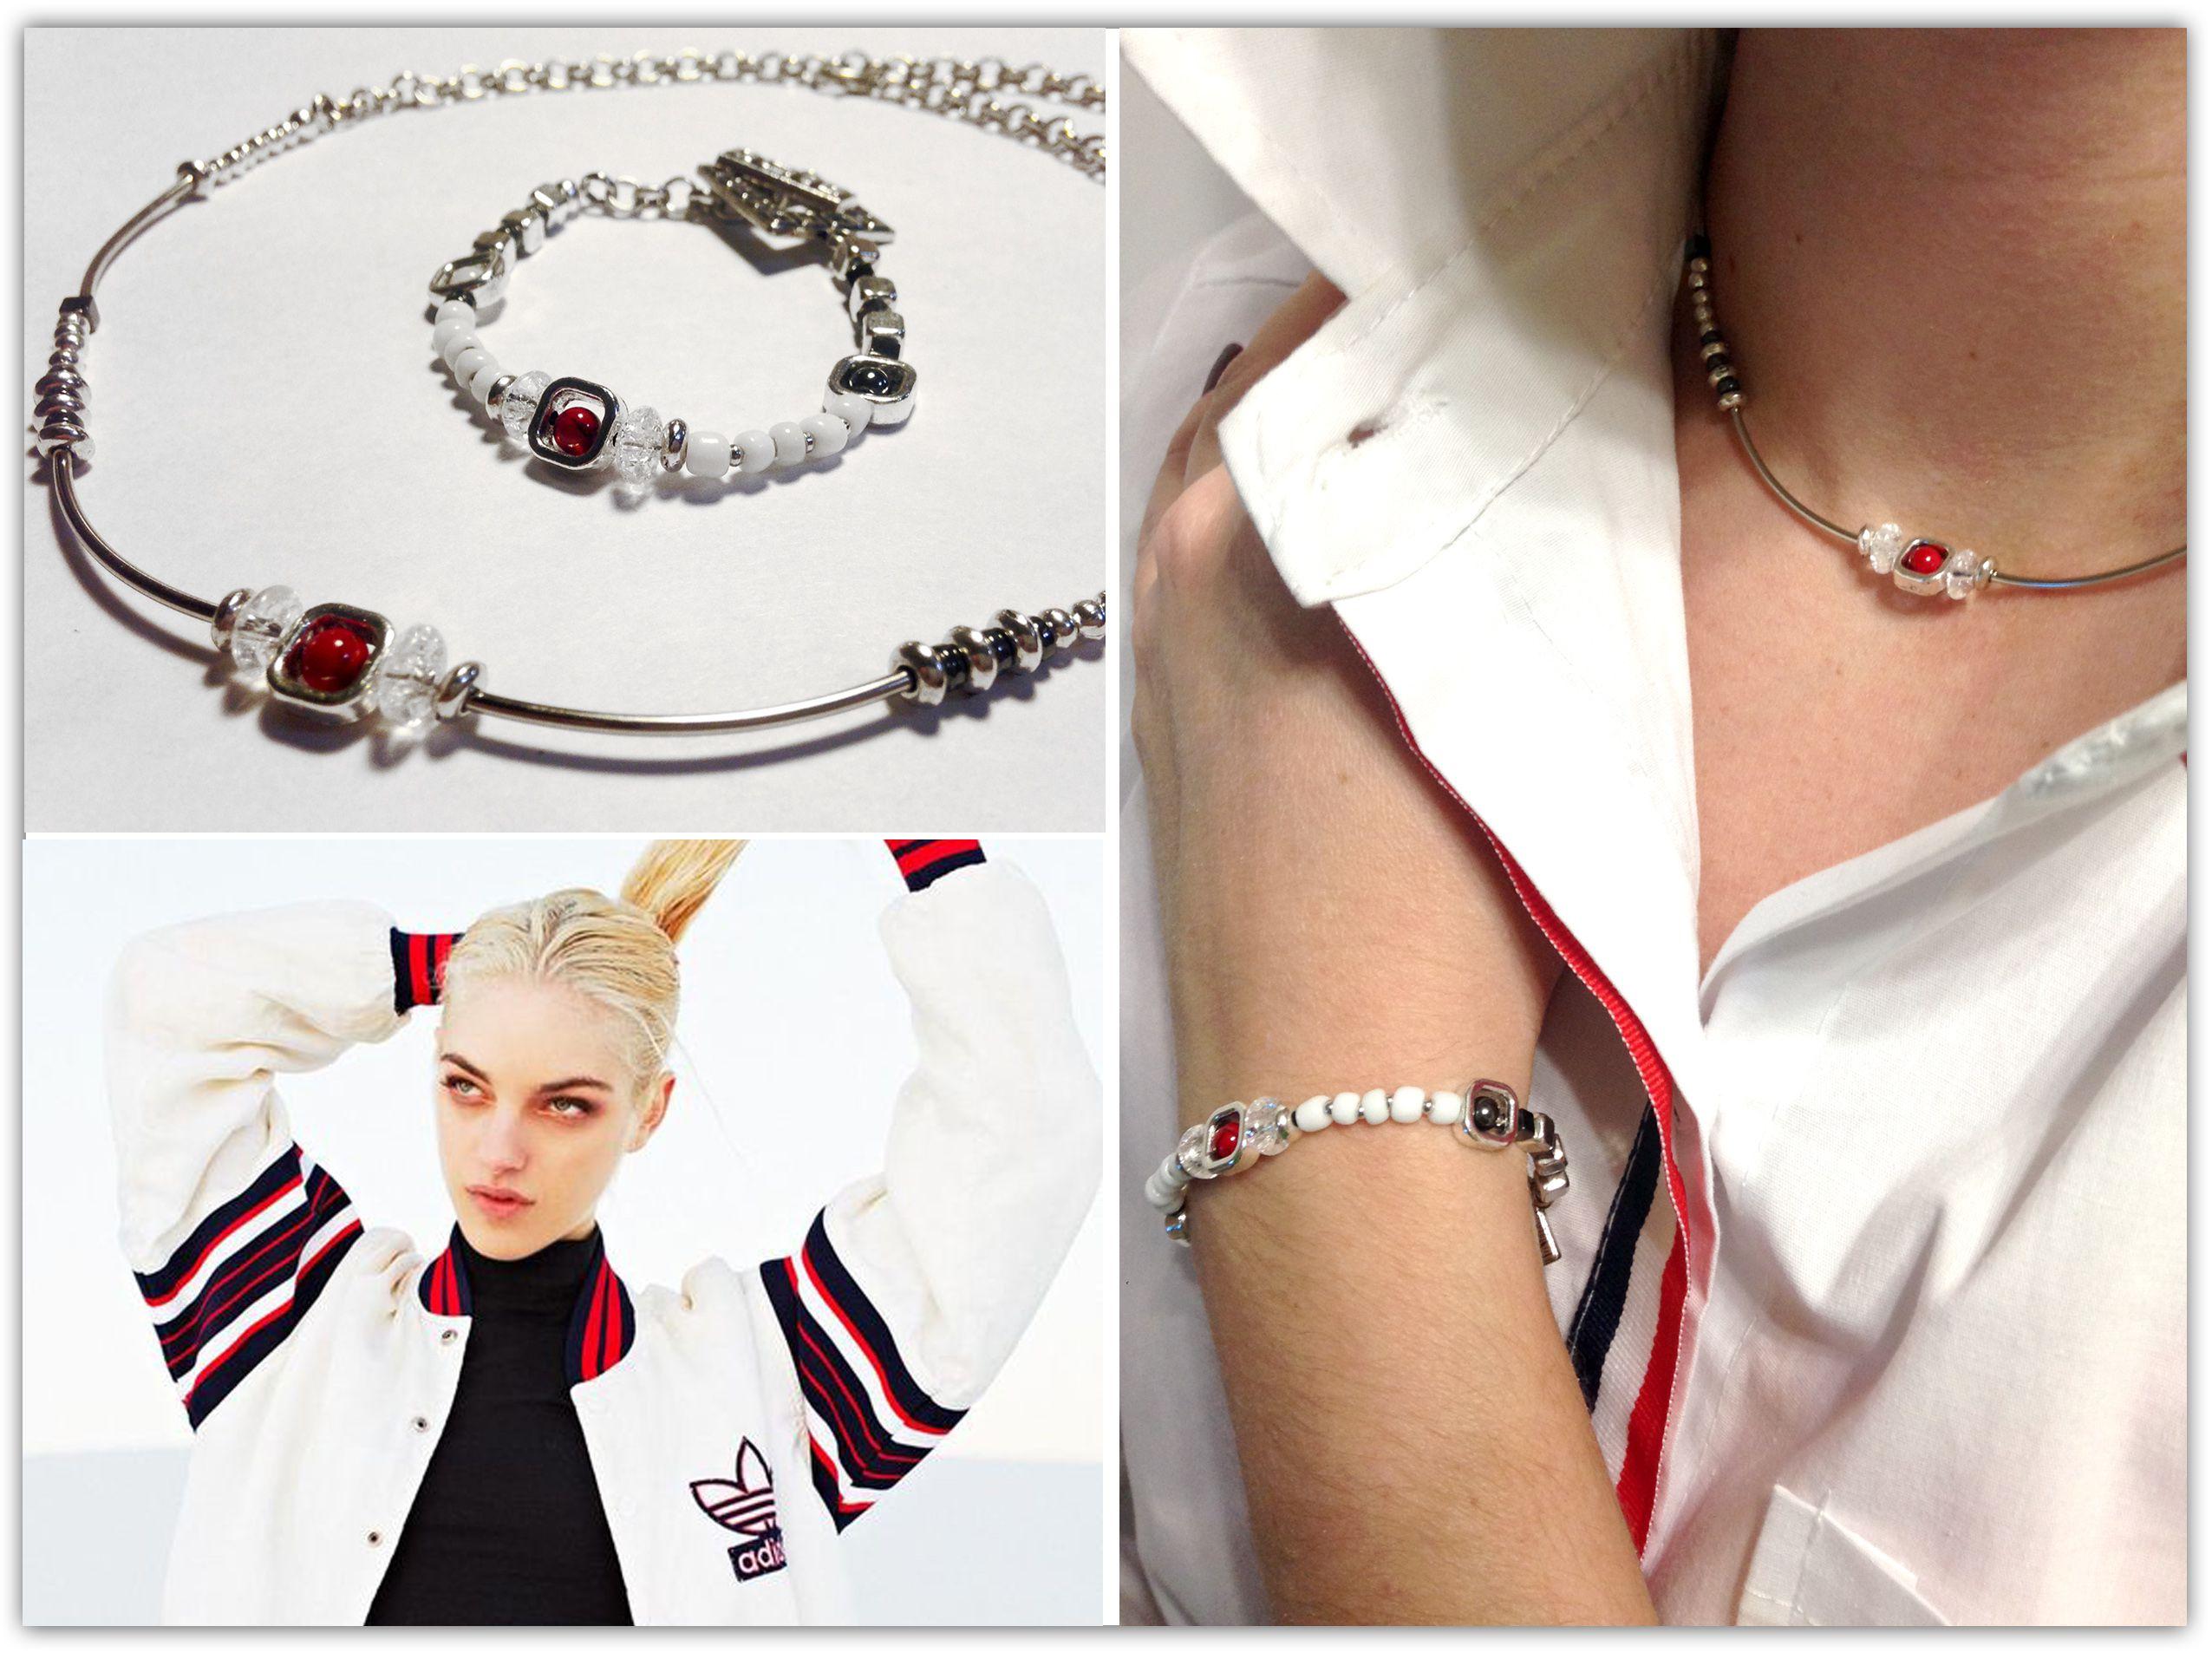 мода подарок украшение стильнаябижутерия ювелирныеизделия украшениедлятебя стиль handmade стильныйаксессуар